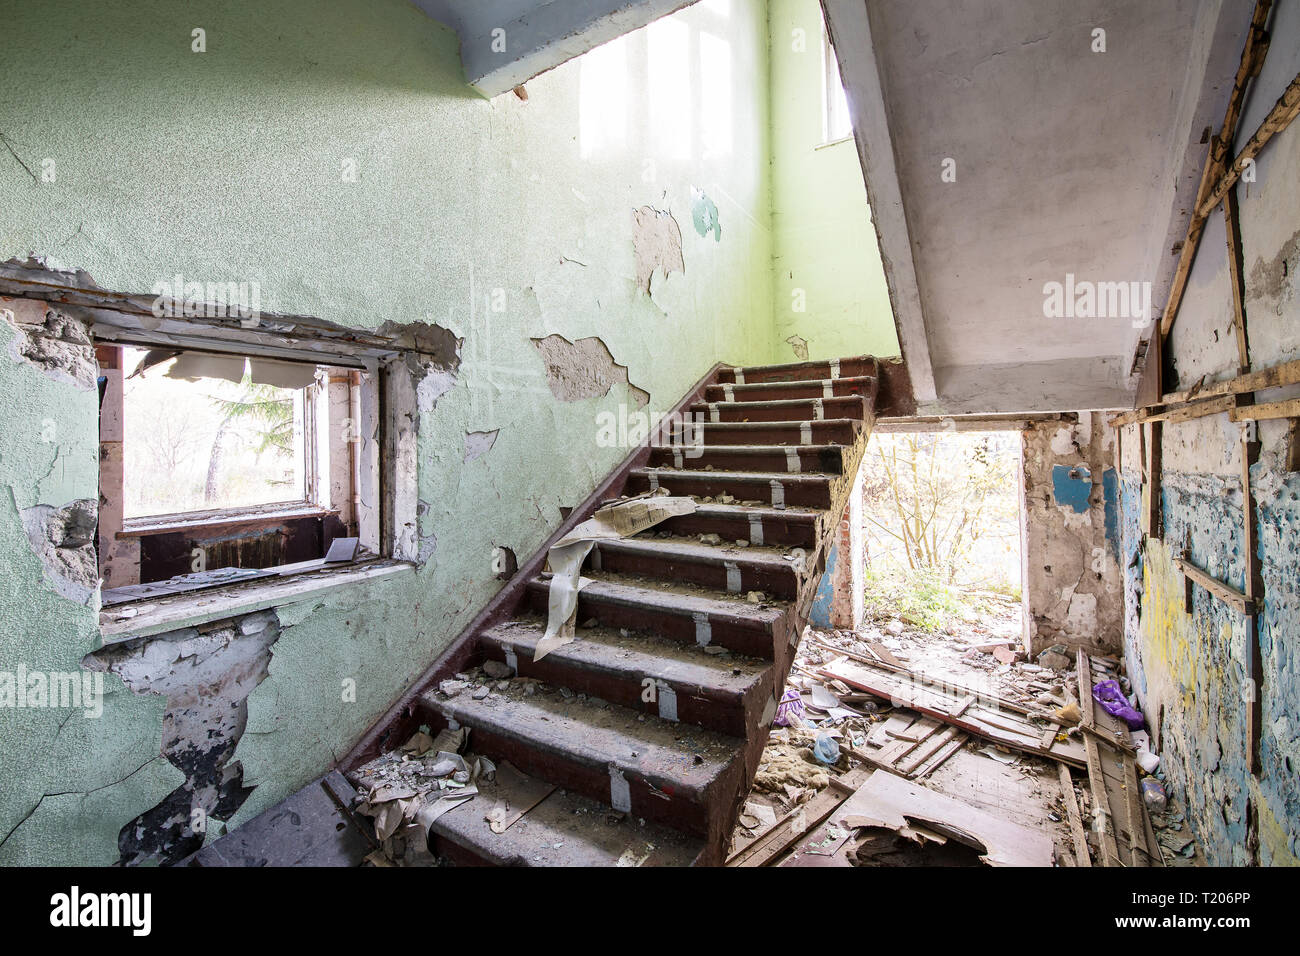 Escalier en béton dans la vieille maison en ruine abandonnée sur une journée ensoleillée Banque D'Images